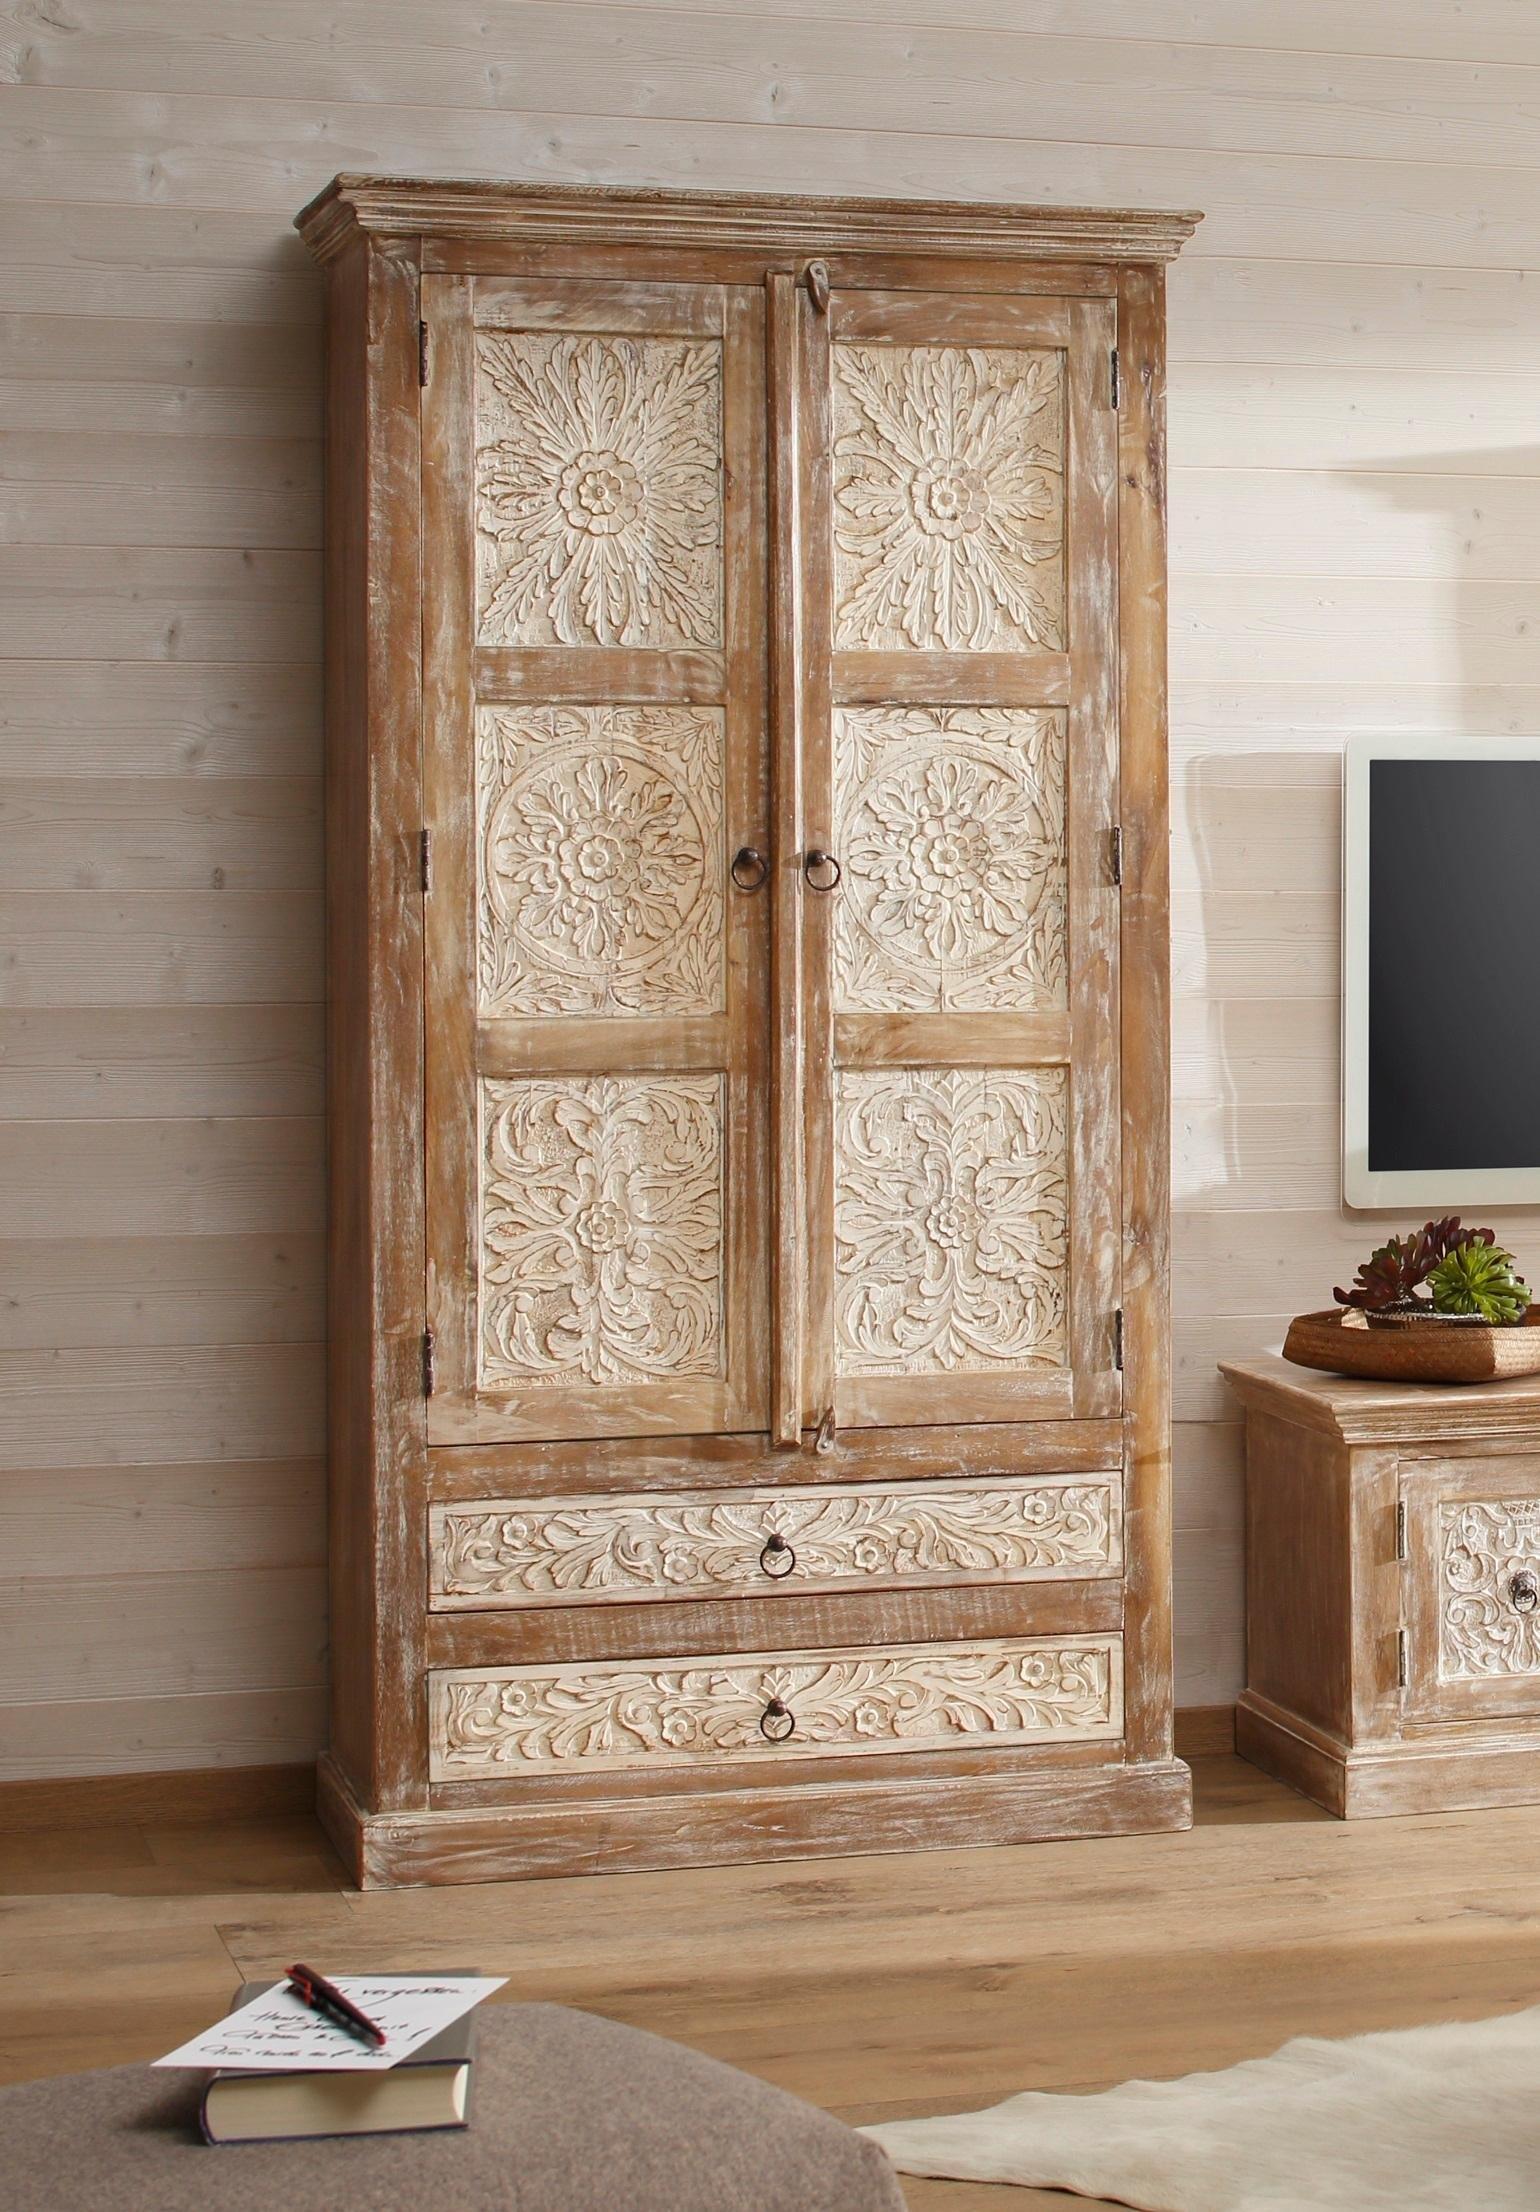 Home Affaire bergkast »Malati«, breedte 105 cm nu online kopen bij OTTO